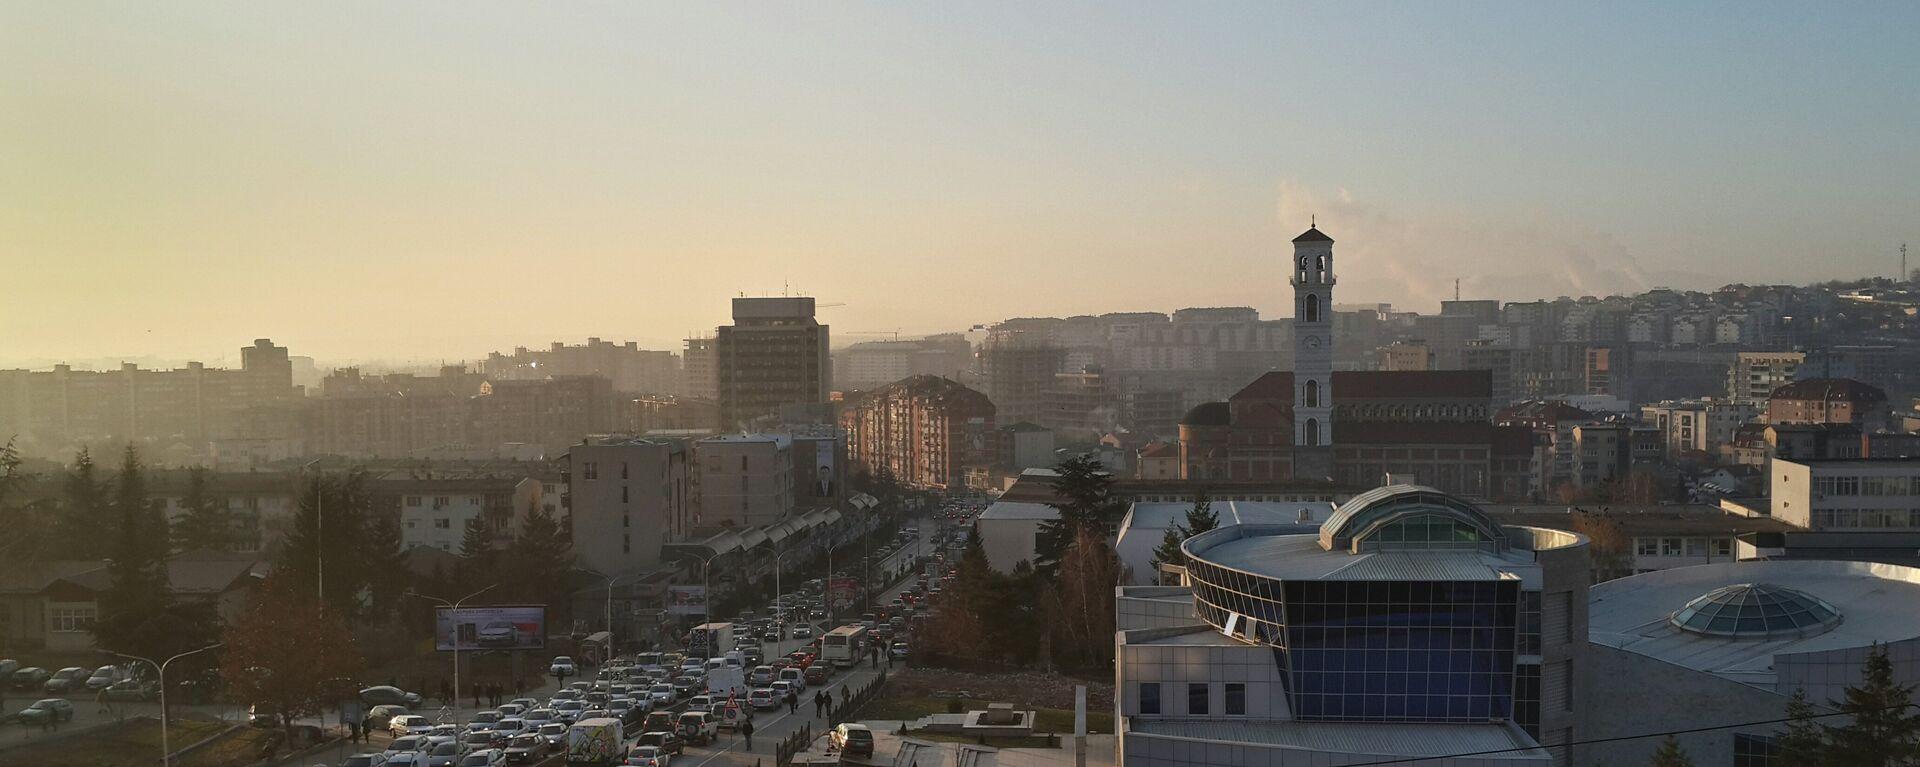 Pristina, la capital de Kosovo - Sputnik Mundo, 1920, 25.12.2017